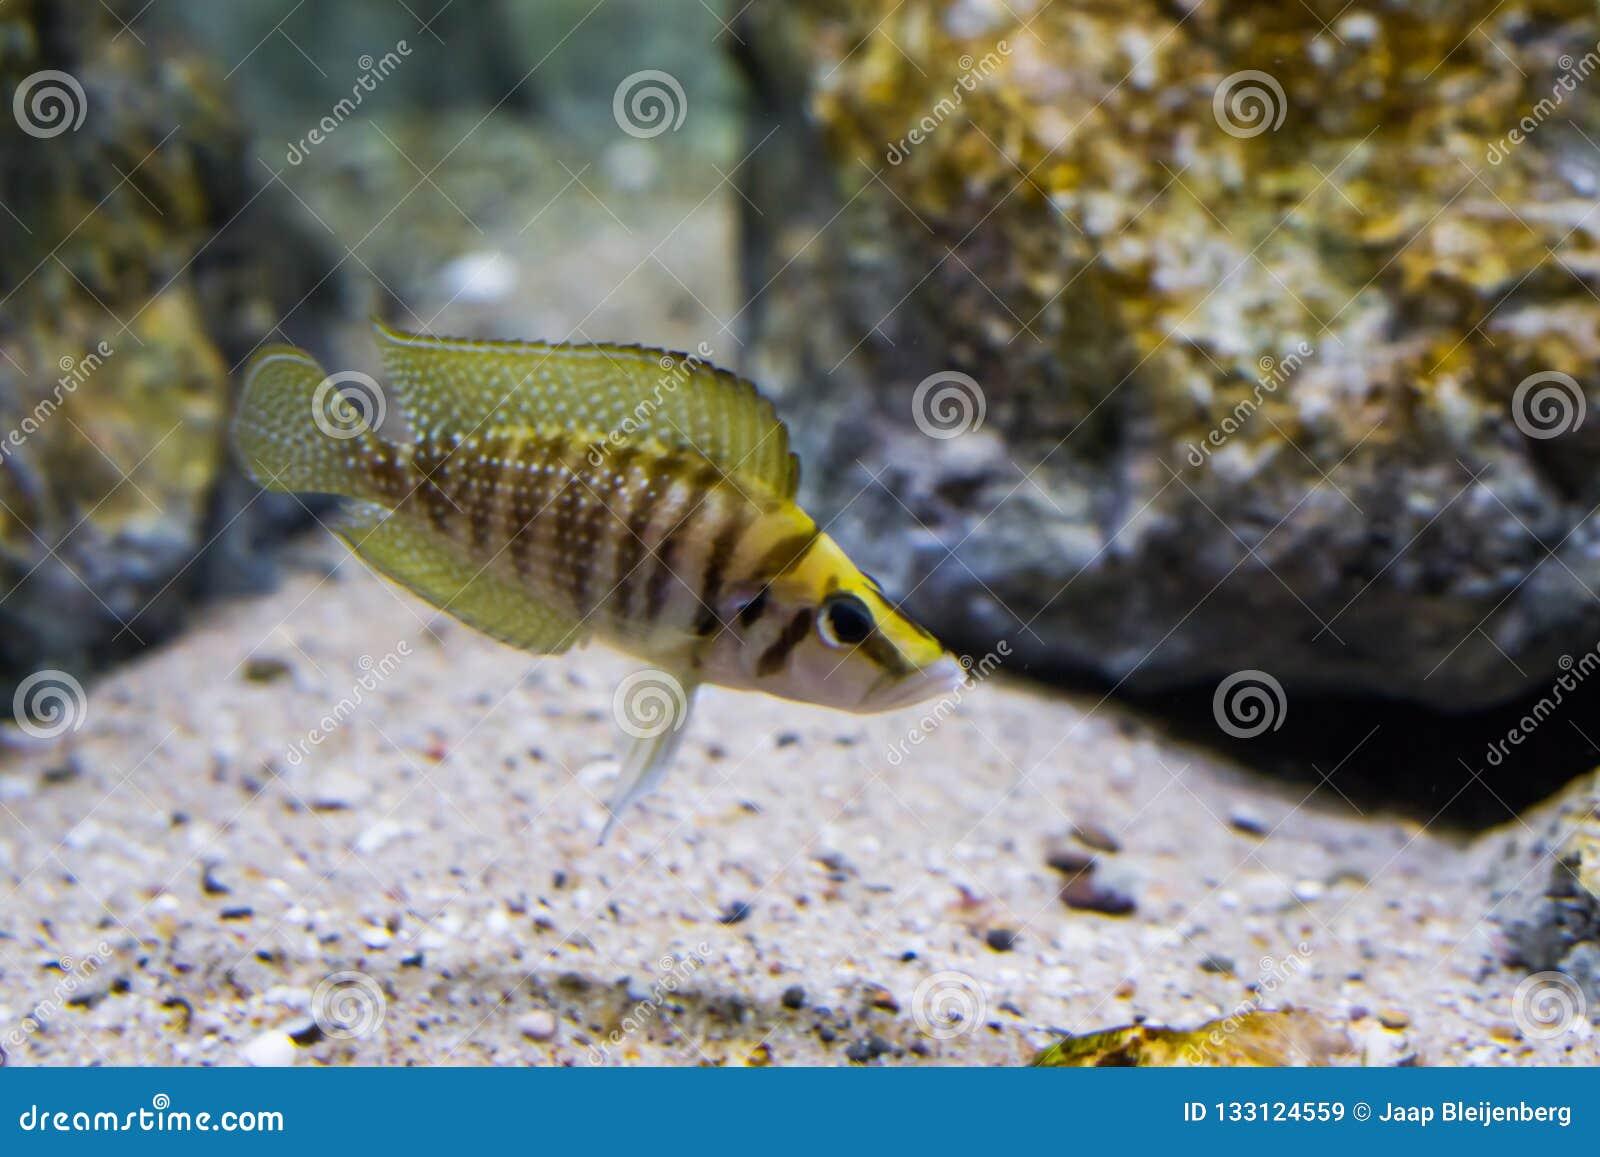 Close-up van gestreept bruin en geel samengeperst cichlid, een tropisch aquariumhuisdier van meer Tanganyika in Afrika